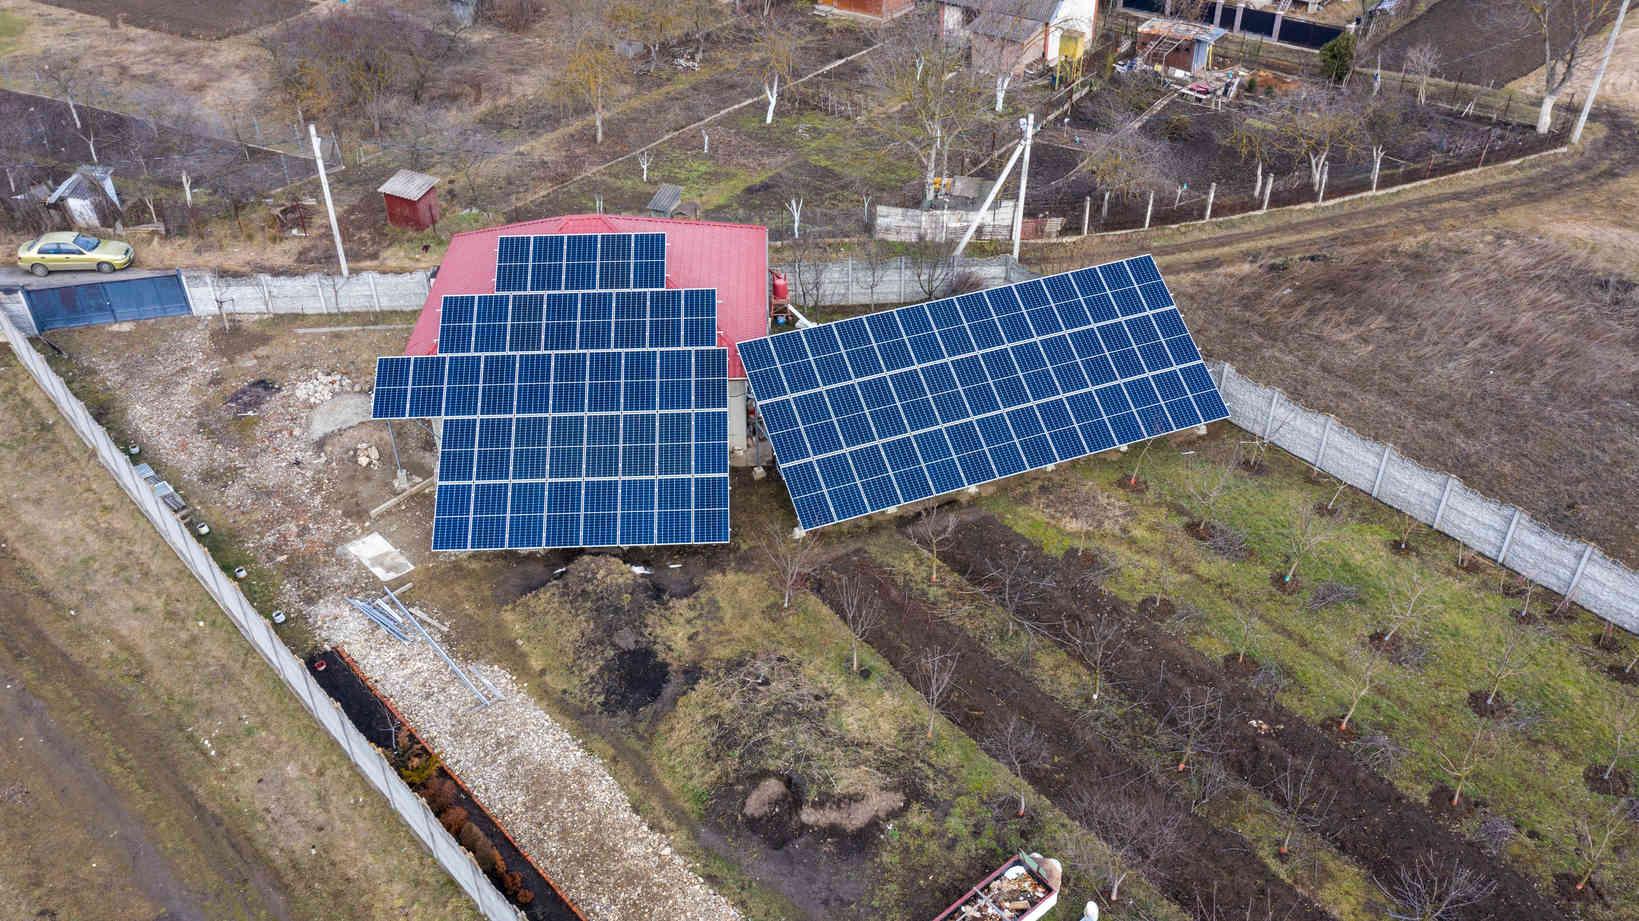 Мережева сонячна електростанція (СЕС) потужністю 34,425 кВт – Фотозвіт #3